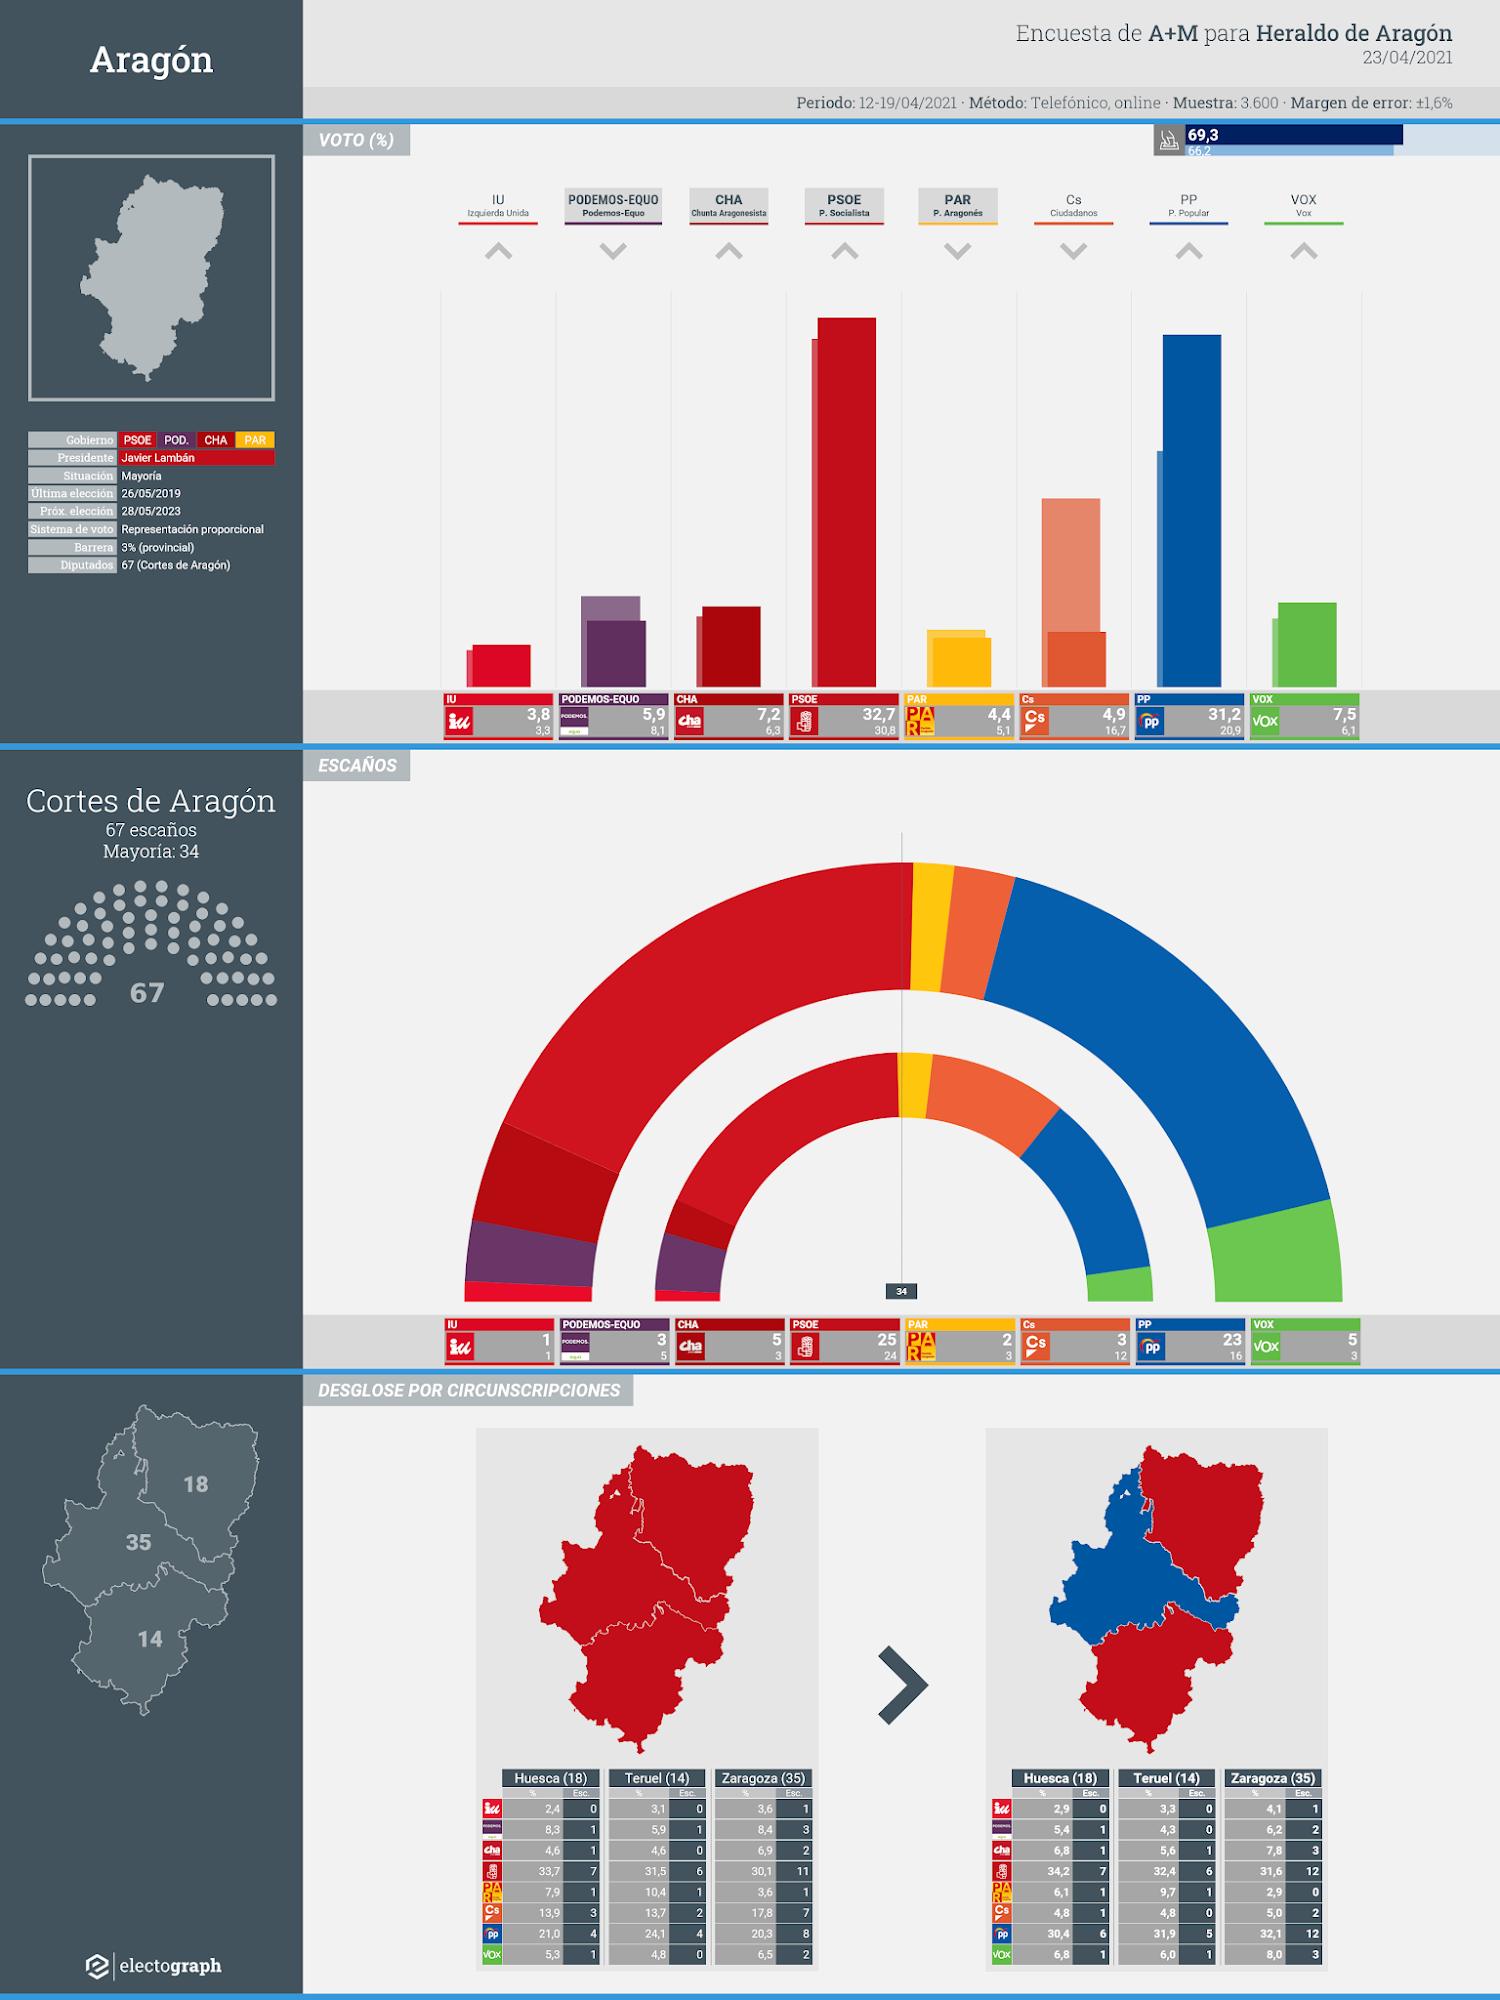 Gráfico de la encuesta para elecciones autonómicas en Aragón realizada por A+M para Heraldo de Aragón, 23 de abril de 2021